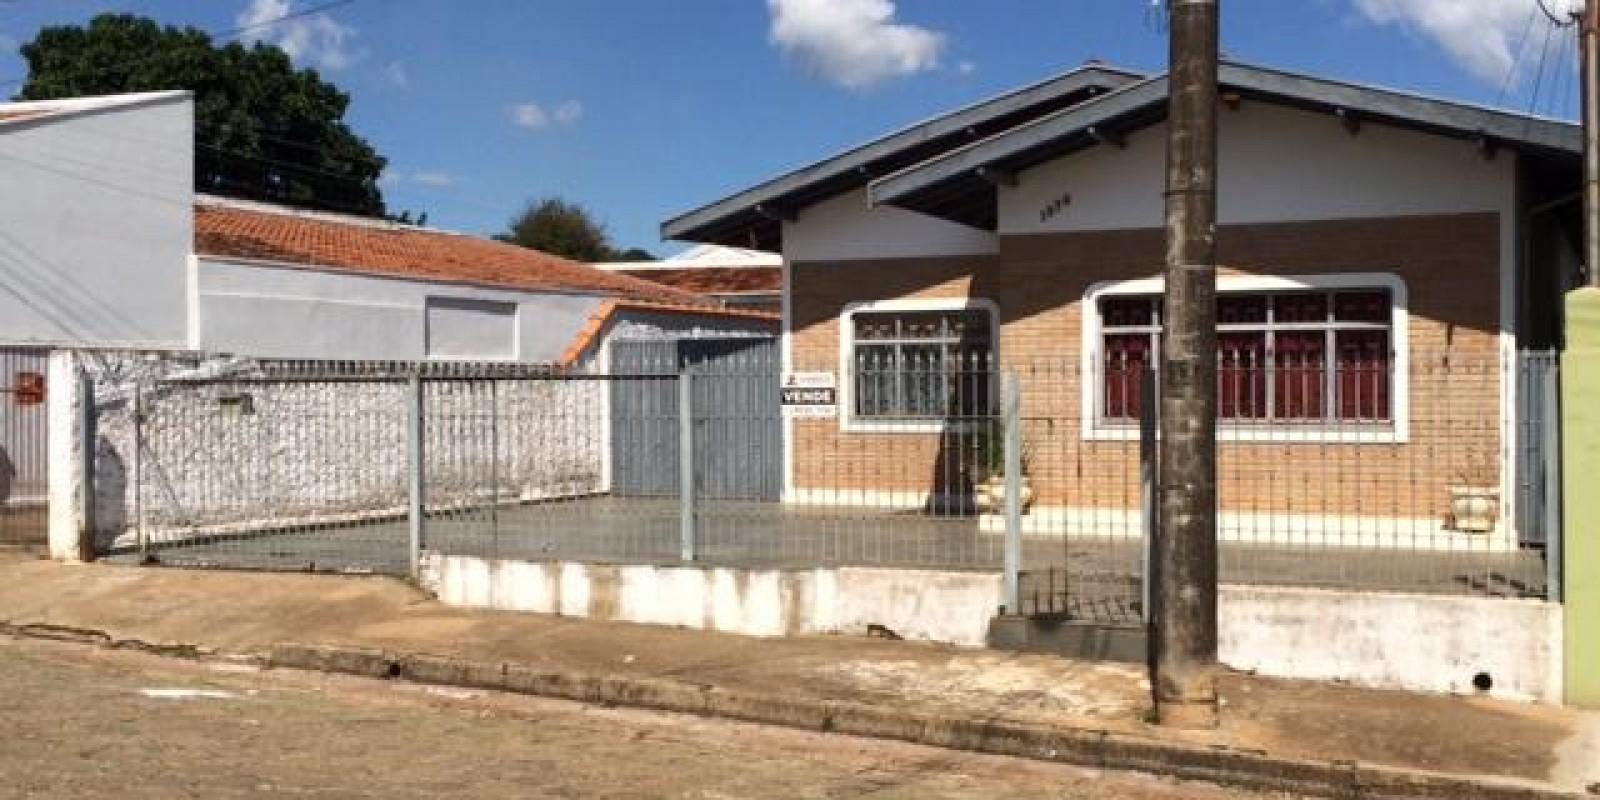 Casa no Centro de Avaré SP - Foto 1 de 12